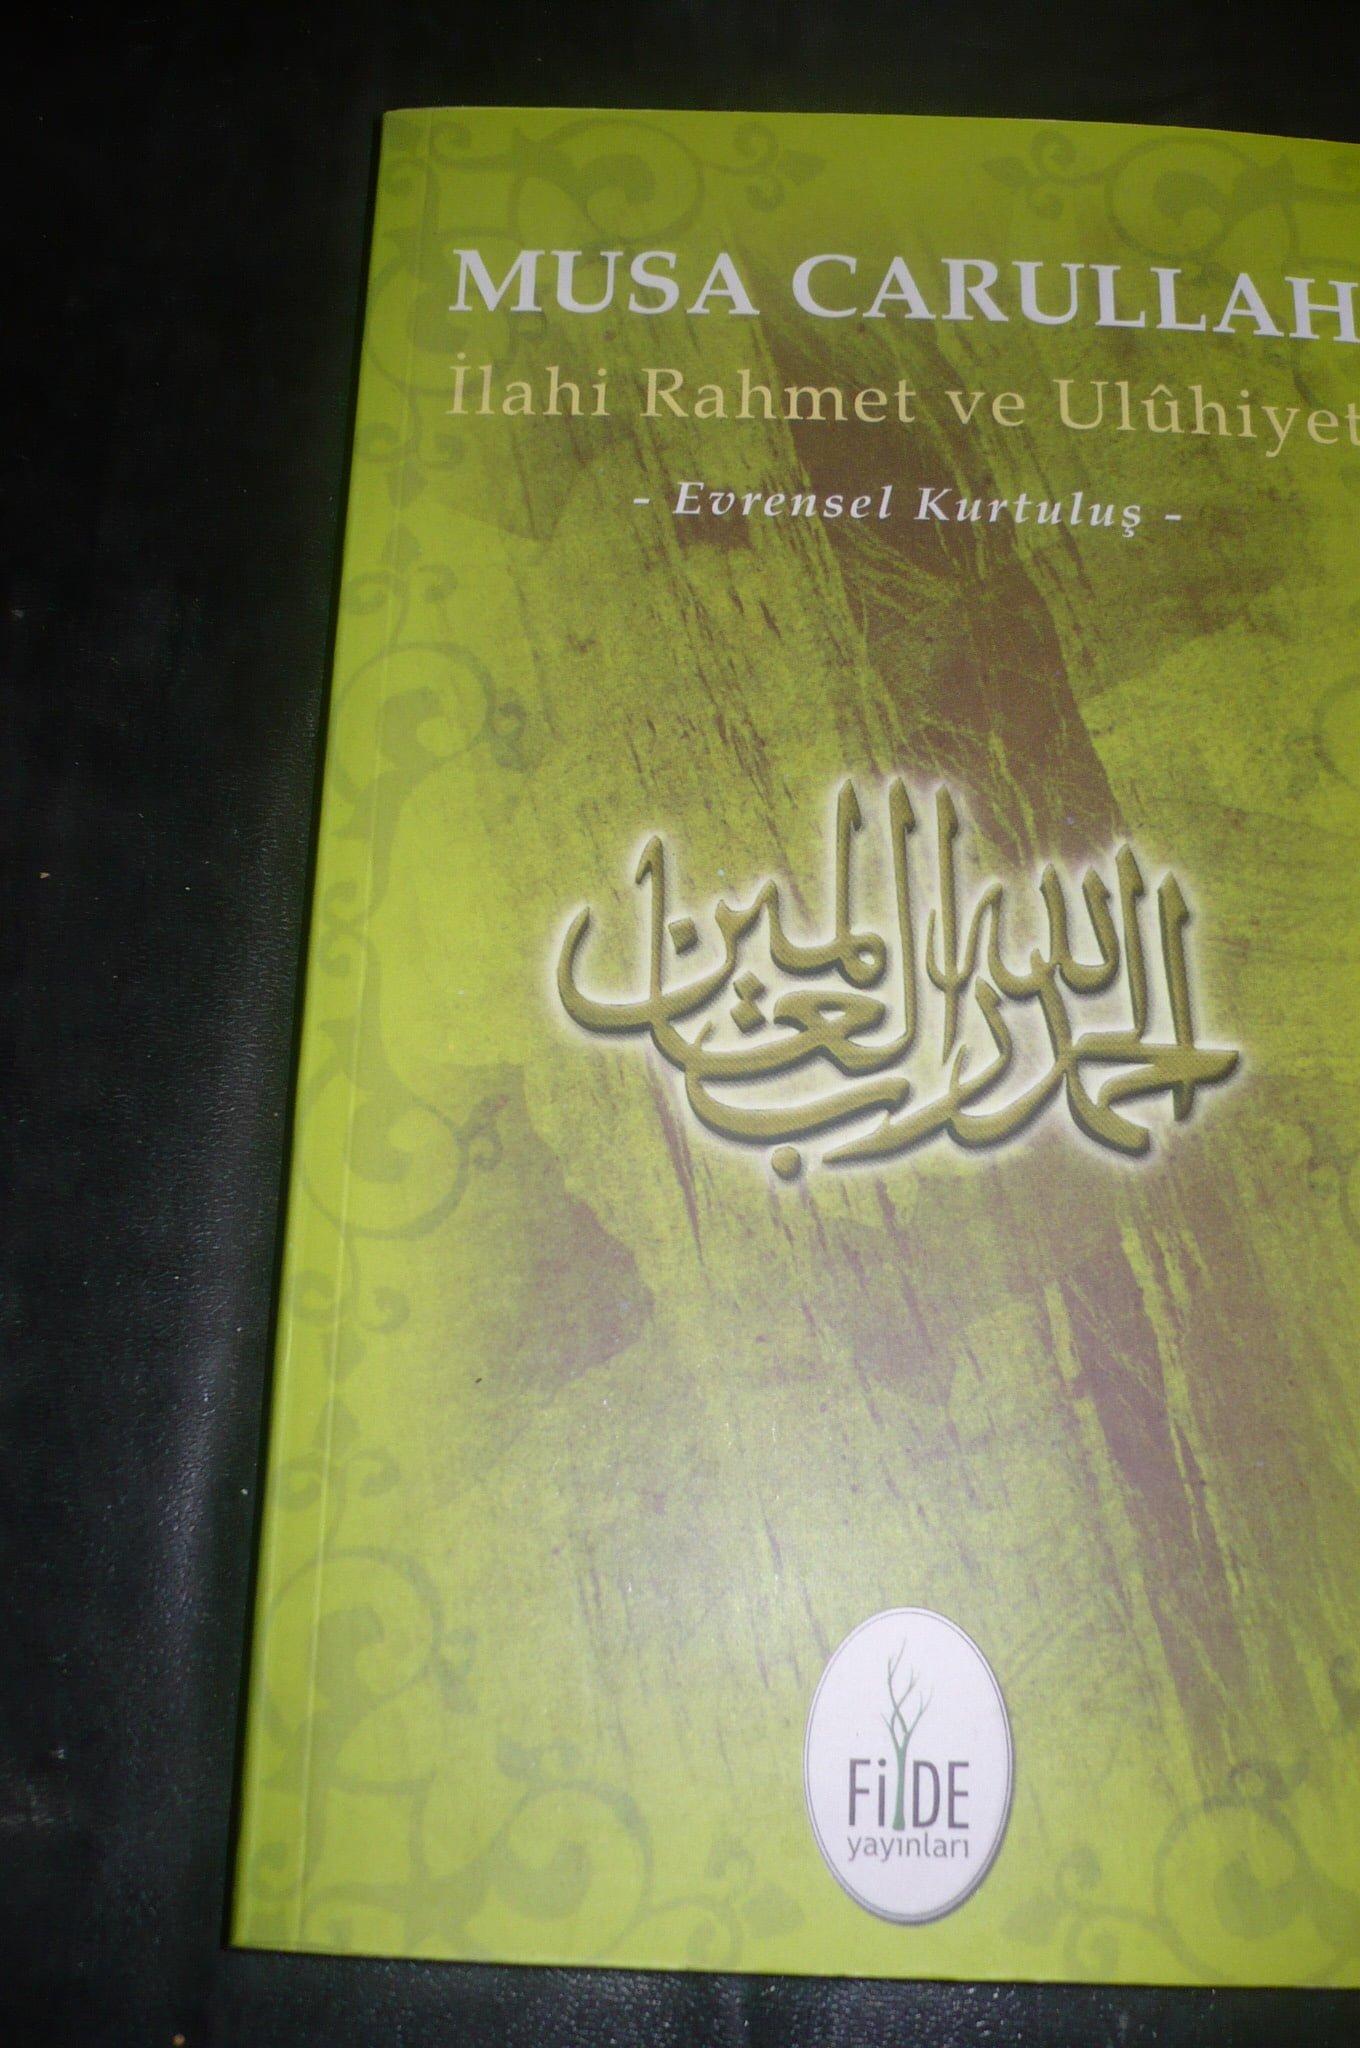 İLAHİ RAHMET VE ULUHİYET(Evrensel Kurtuluş)/Musa Carullah/5 tl(satıldı)